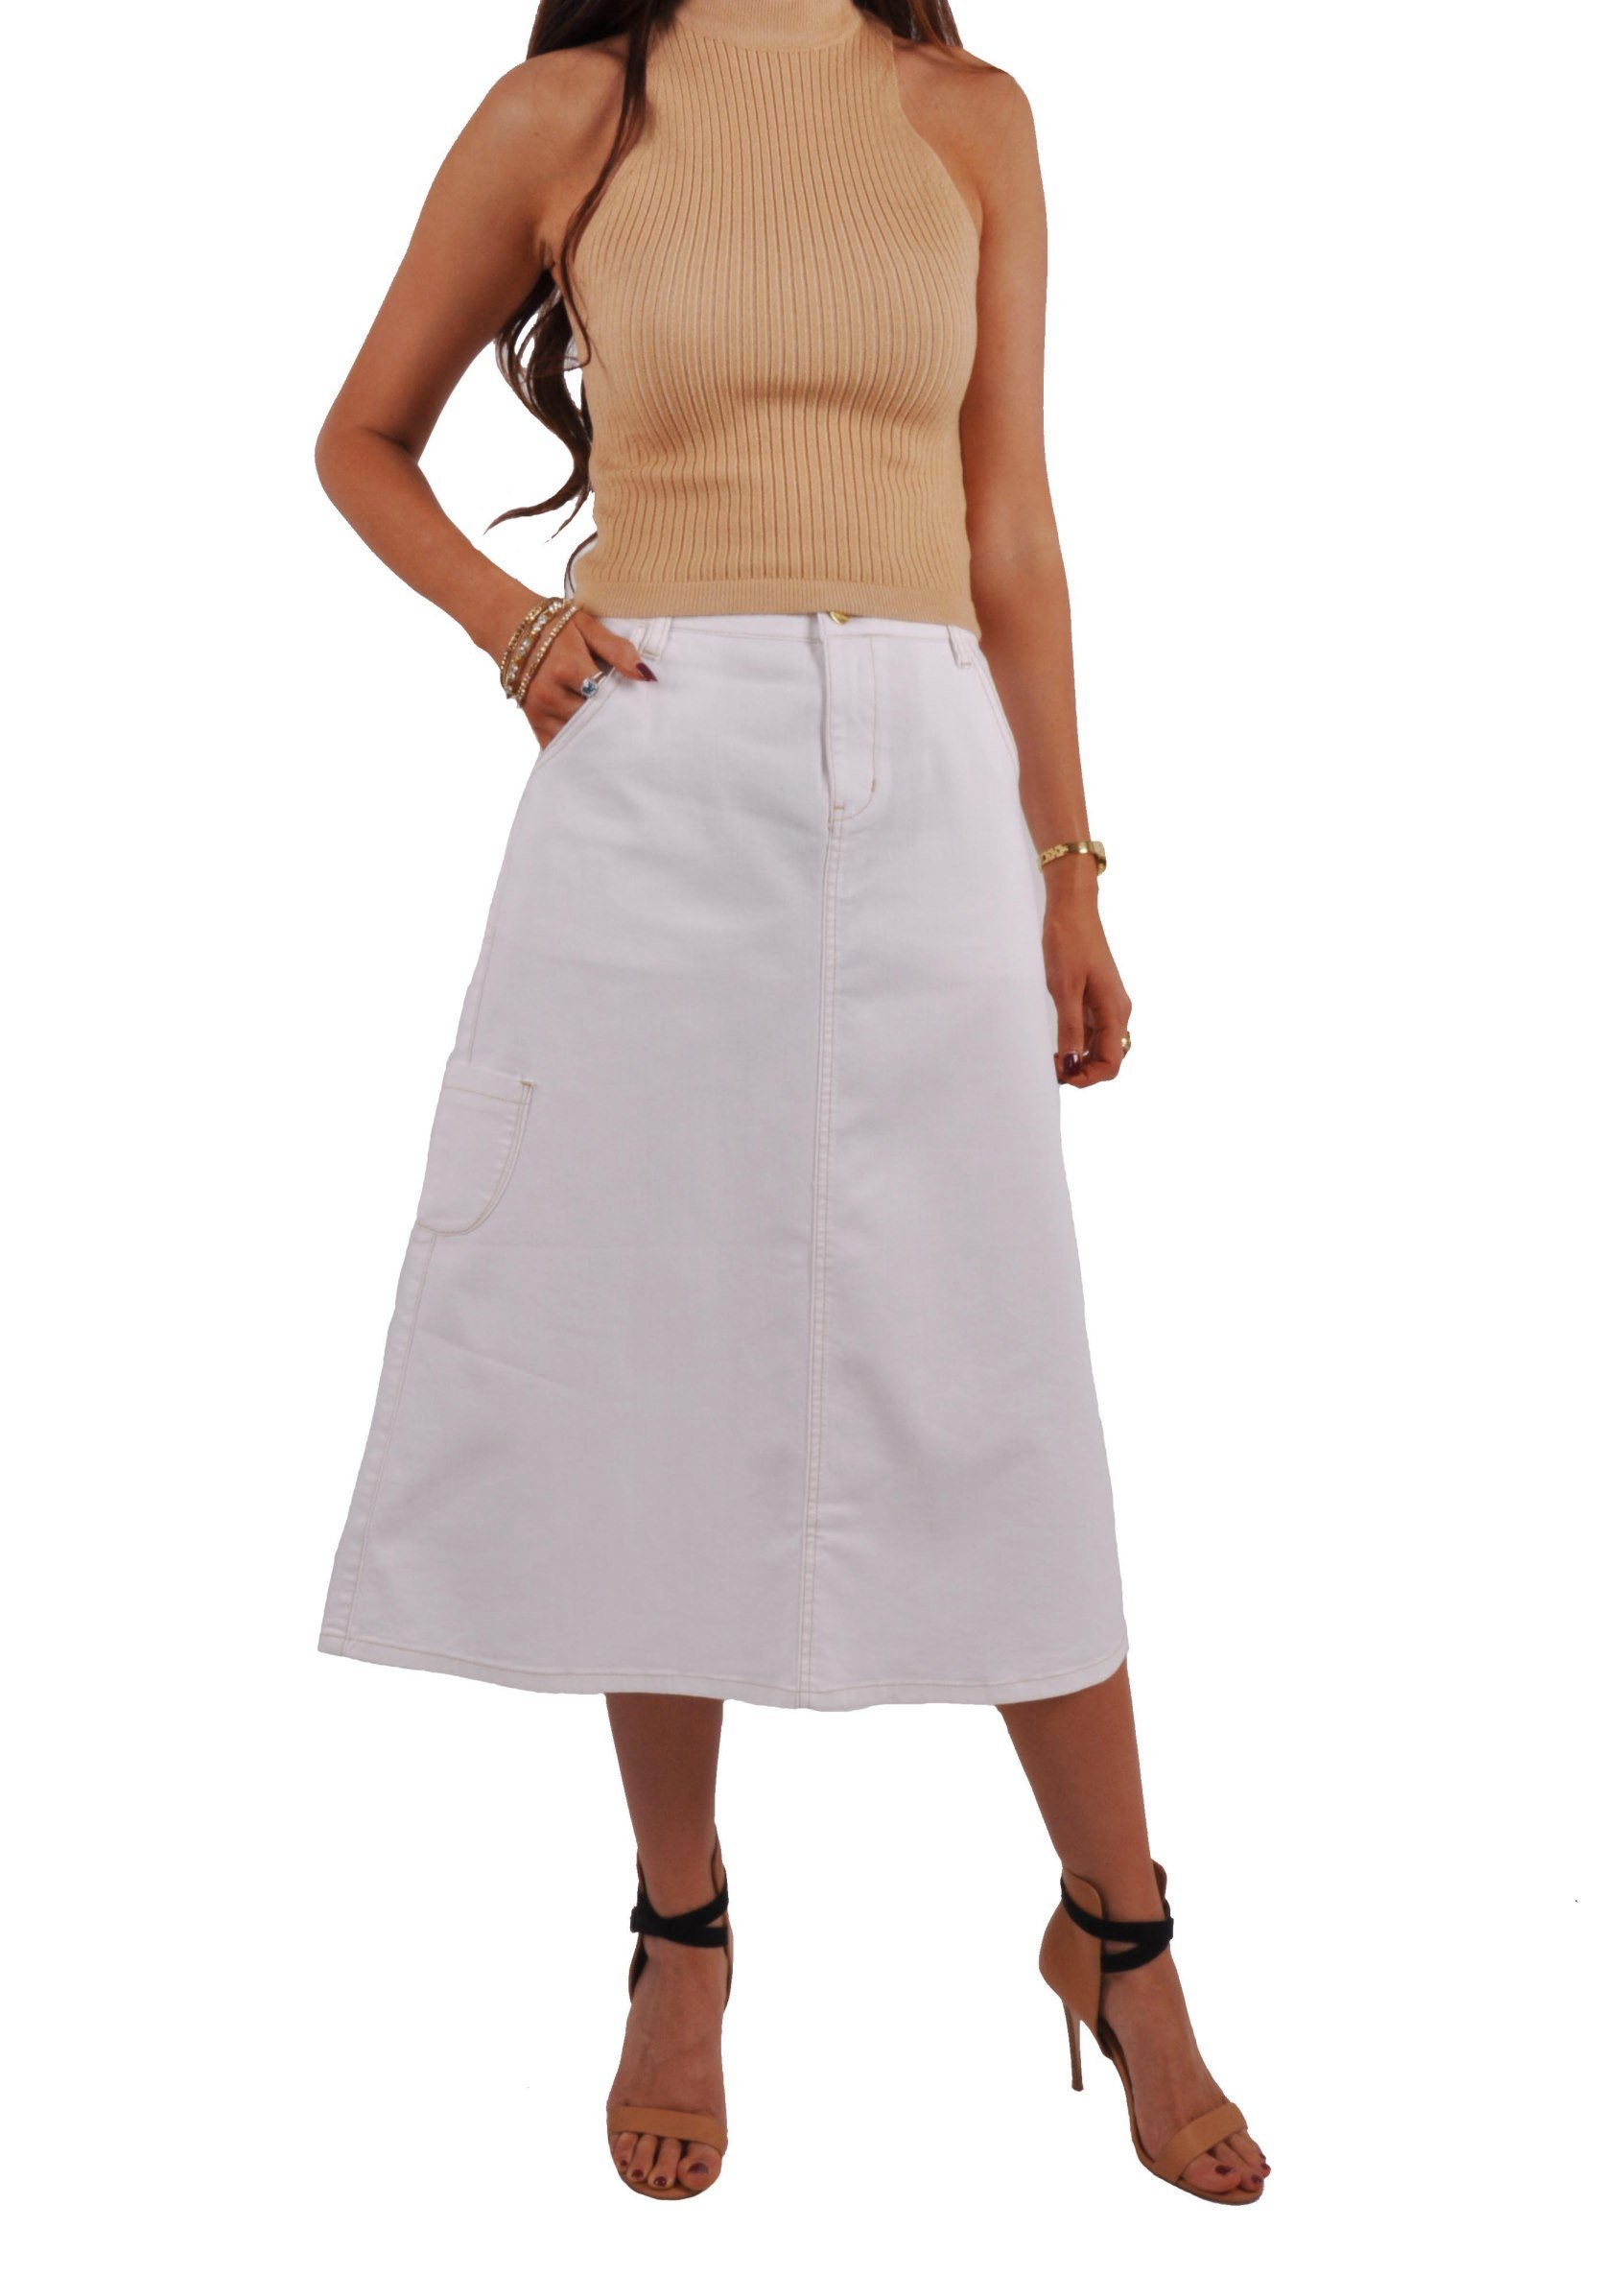 Style J Cute Cargo White Denim Skirt-White-36(16)